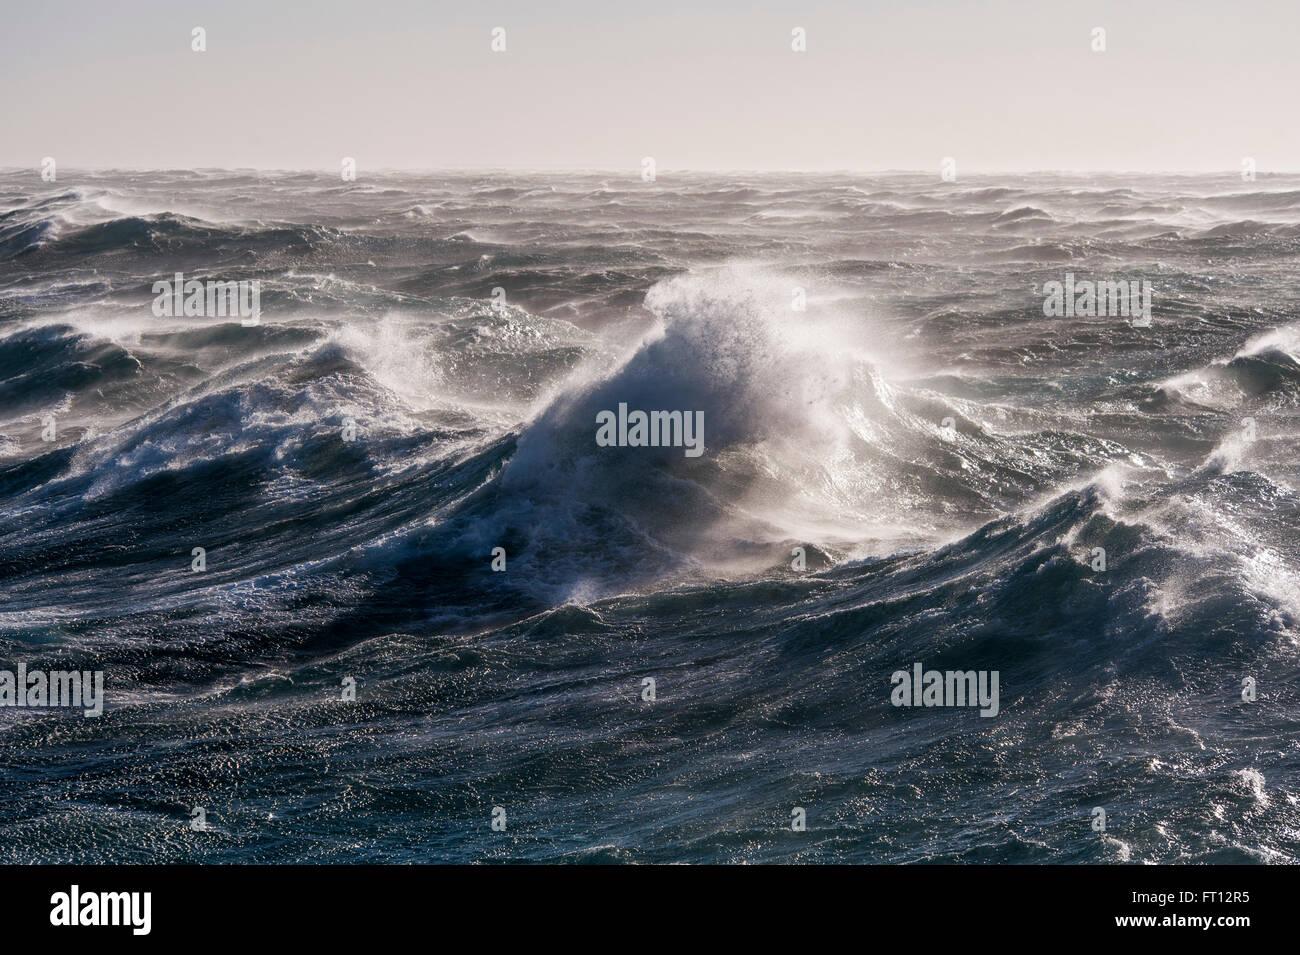 Olas Altas en extremadamente accidentado del mar en el Océano Austral, mar de Ross, en la Antártida Foto de stock